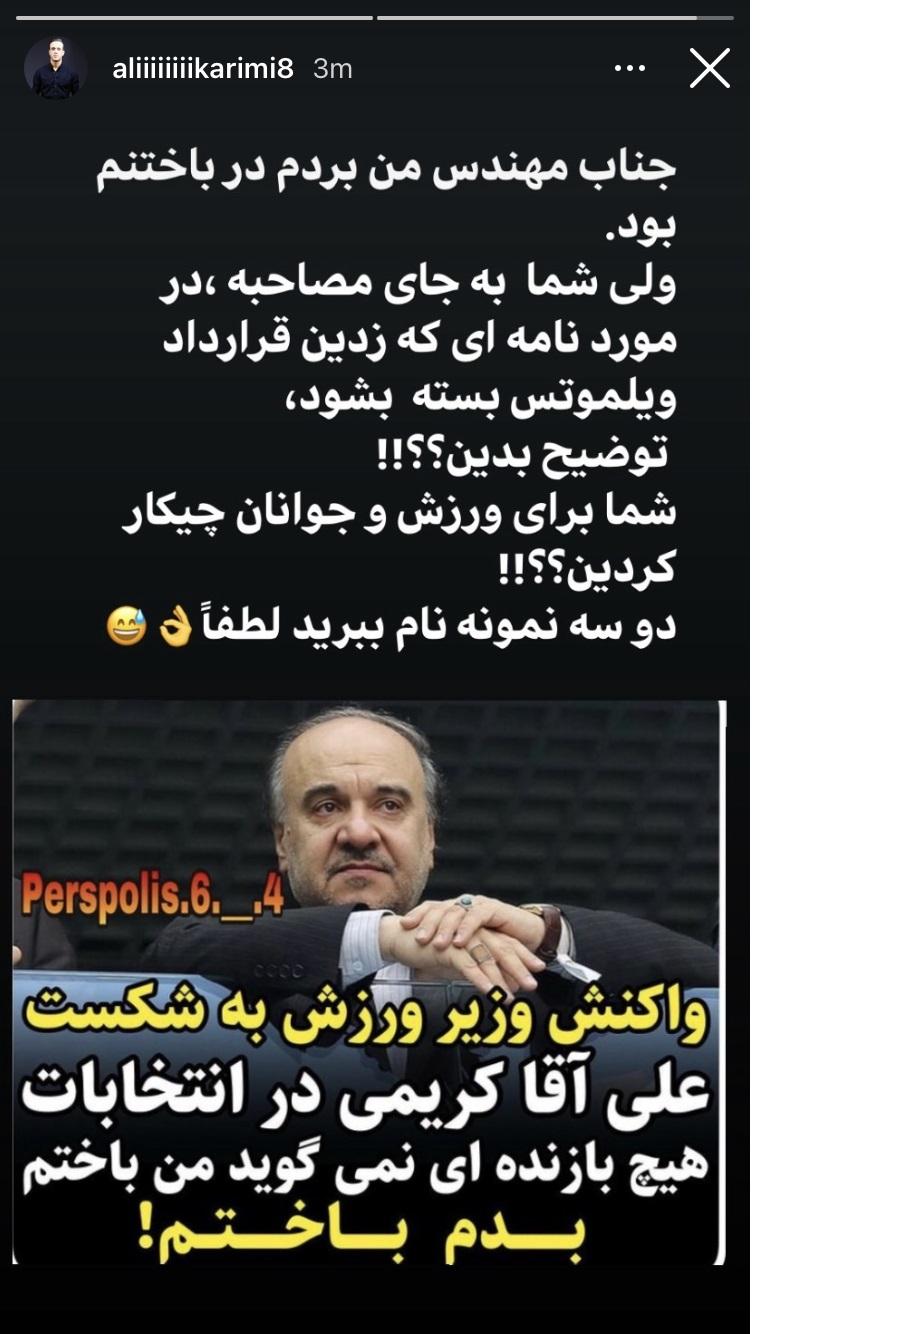 واکنش-علی-کریمی